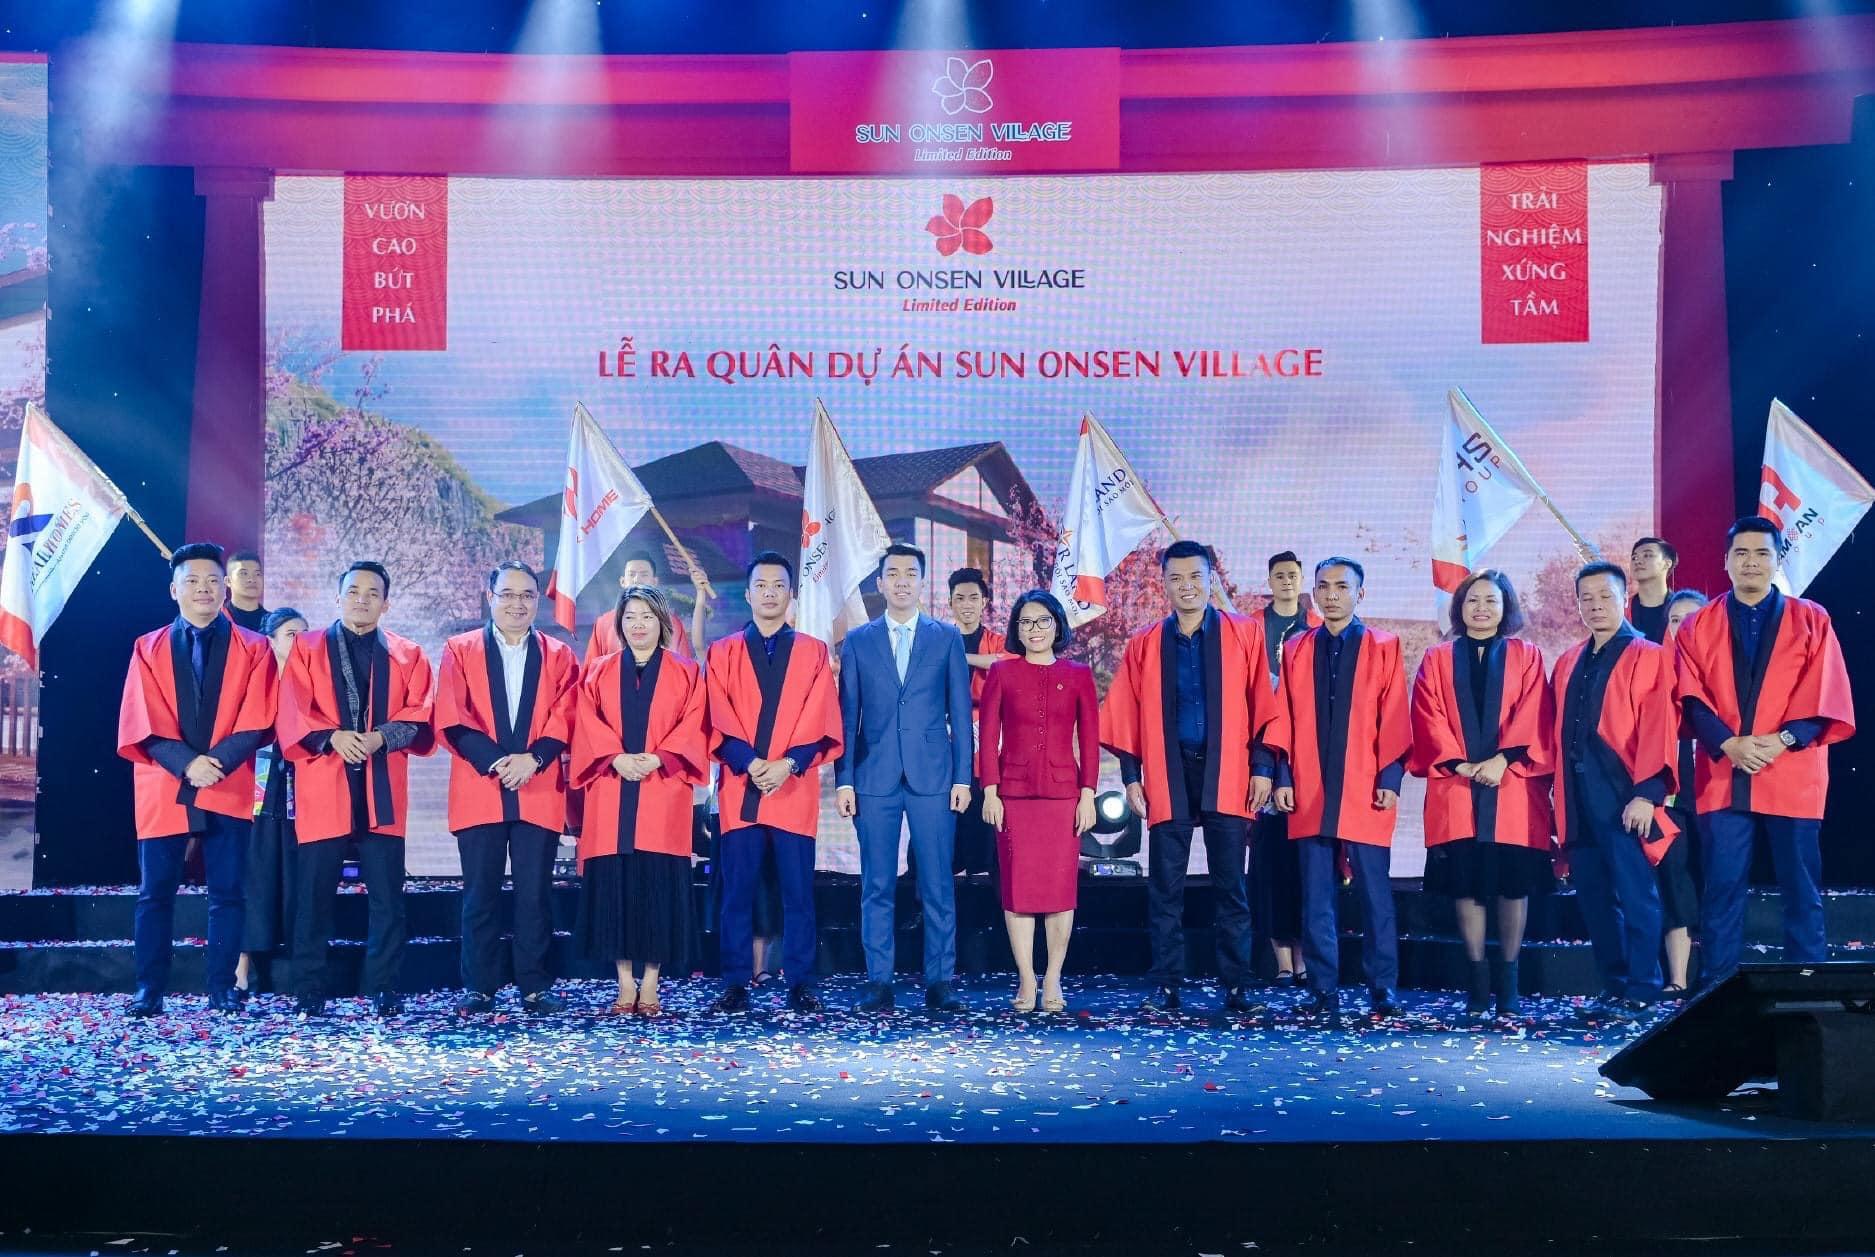 Đại diện những đại lý phân phối chính thức dự án Sun Onsen Village cùng đại diện Tập đoàn Sun Group